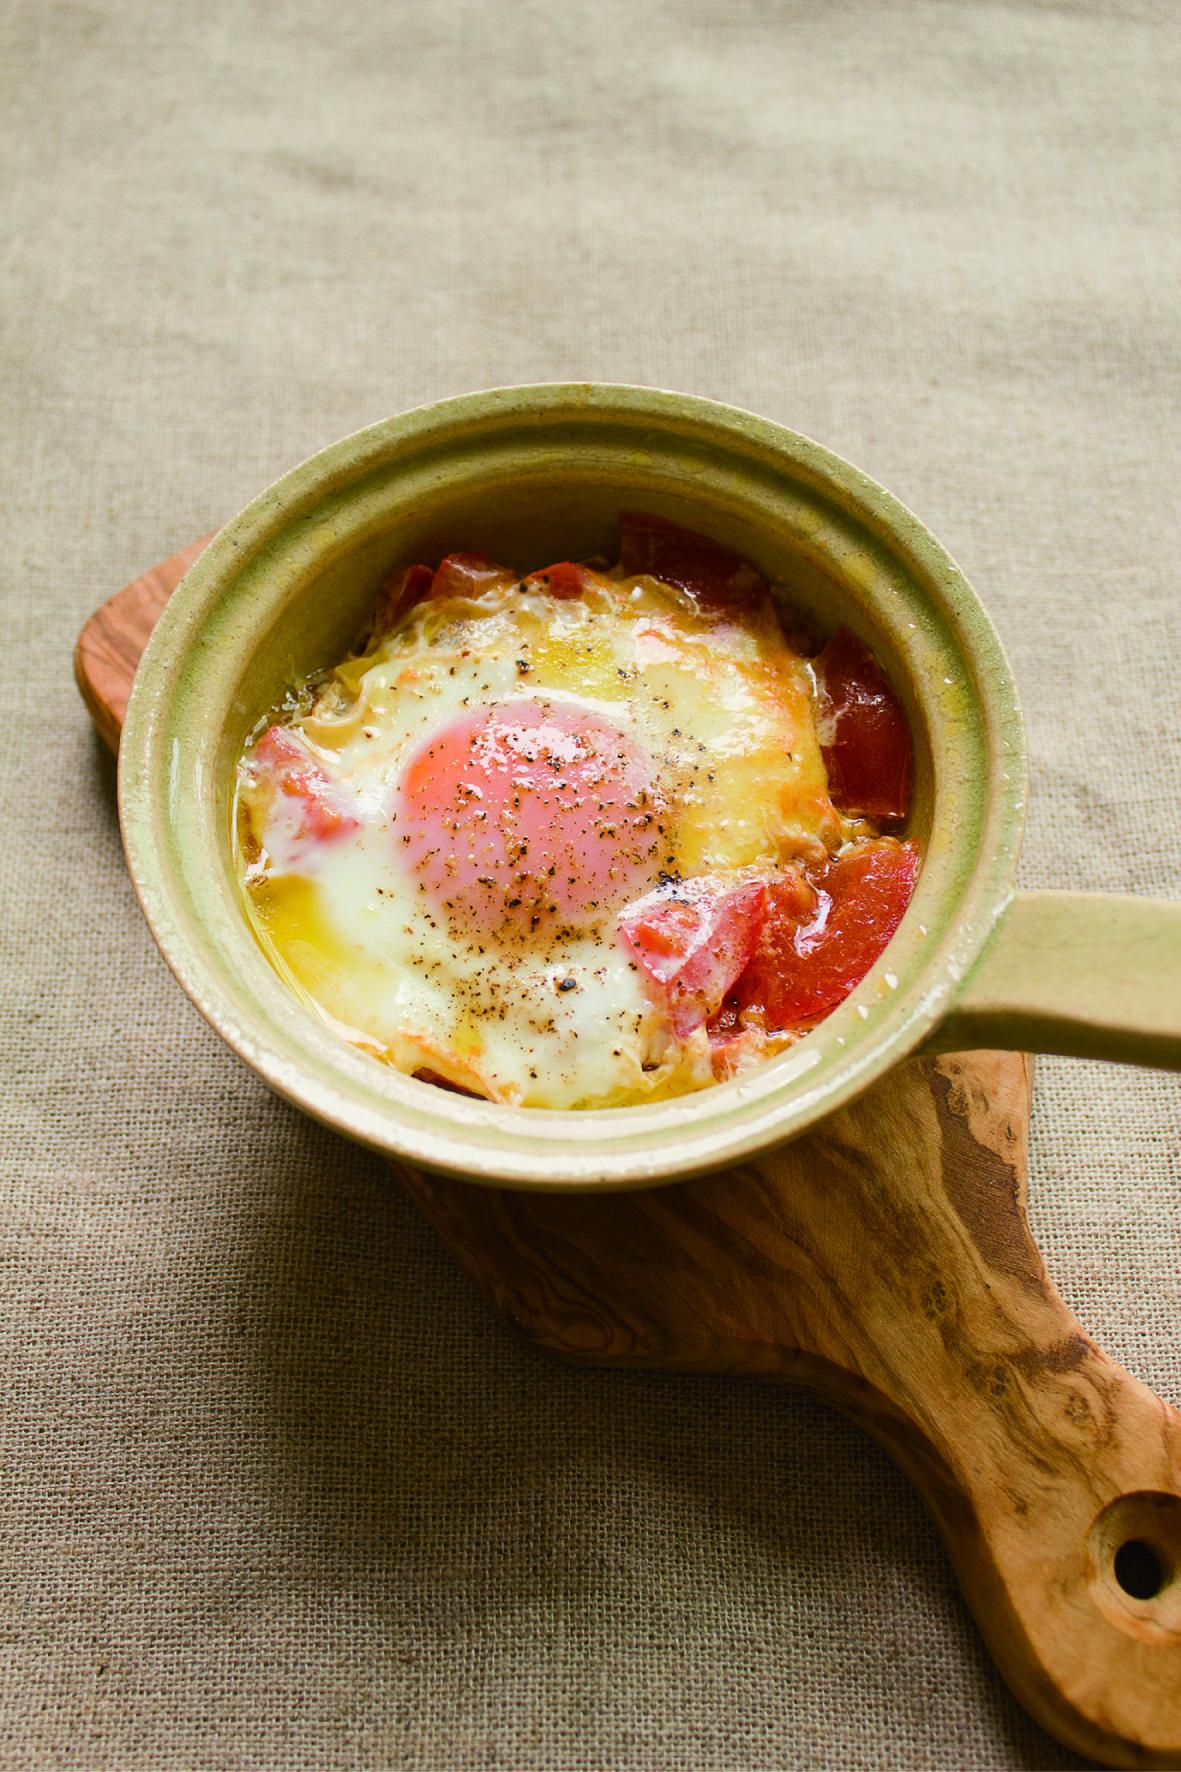 レンジや直火で簡単に朝食が作れる、コンパクトな土鍋「エッグベーカー」